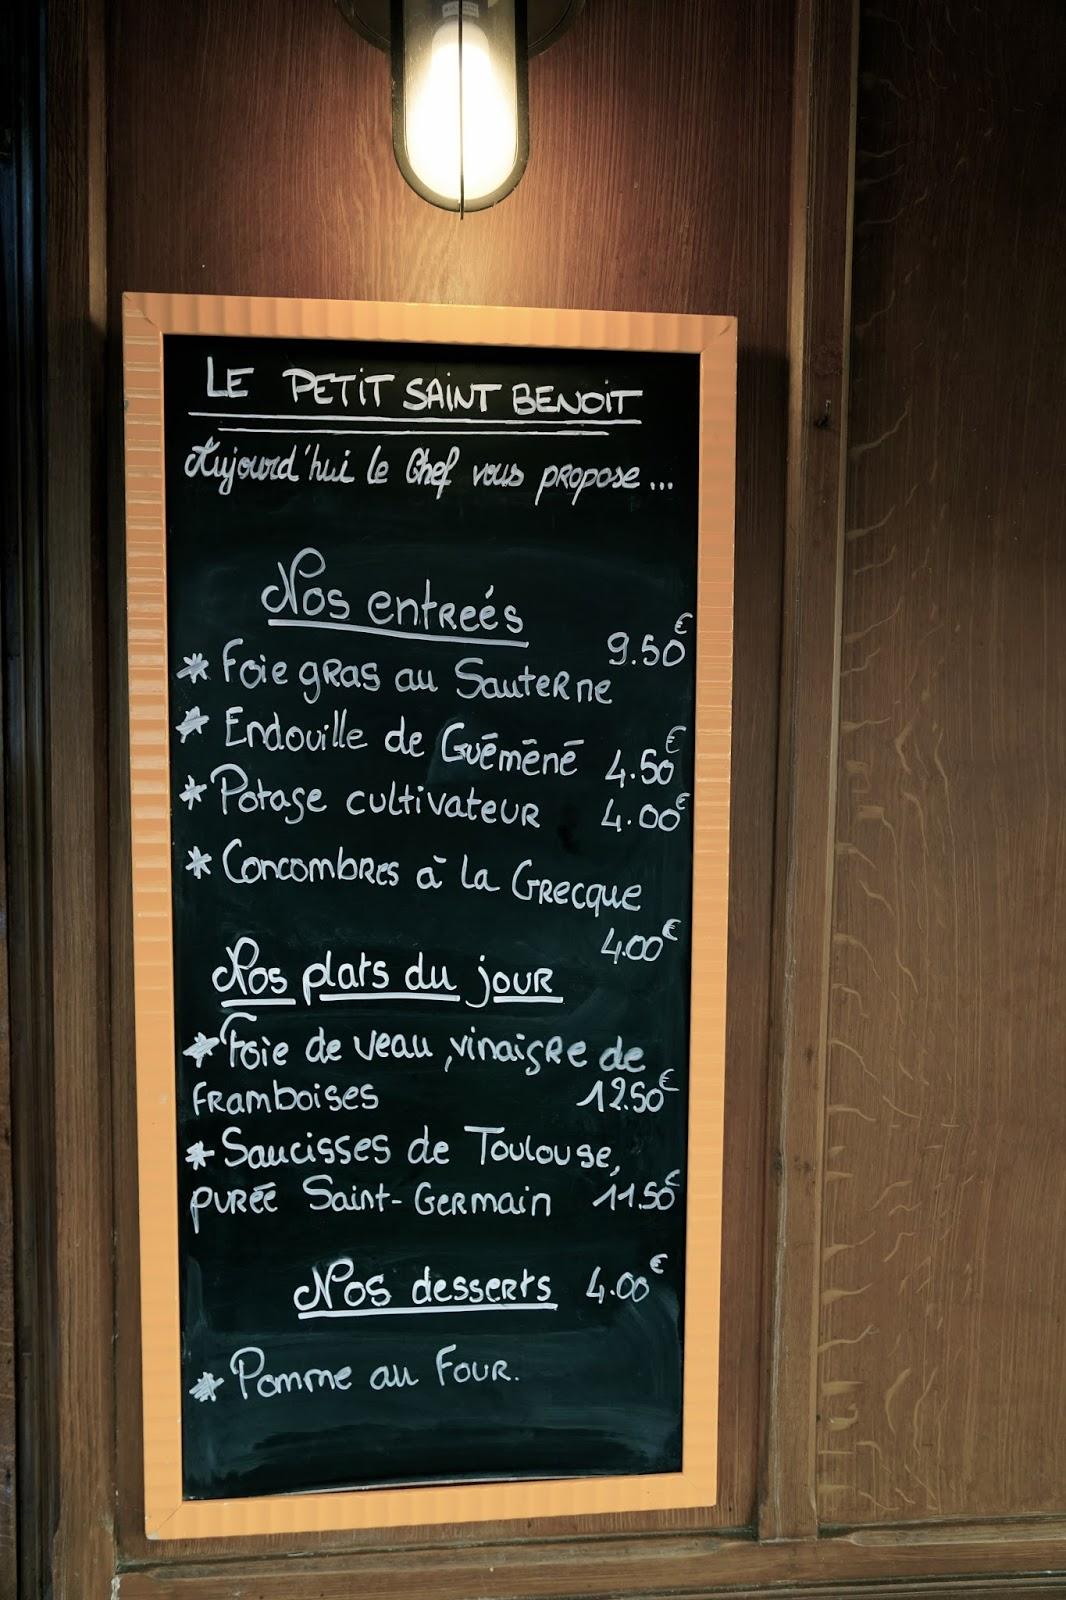 Le Petit Saint-Benoit